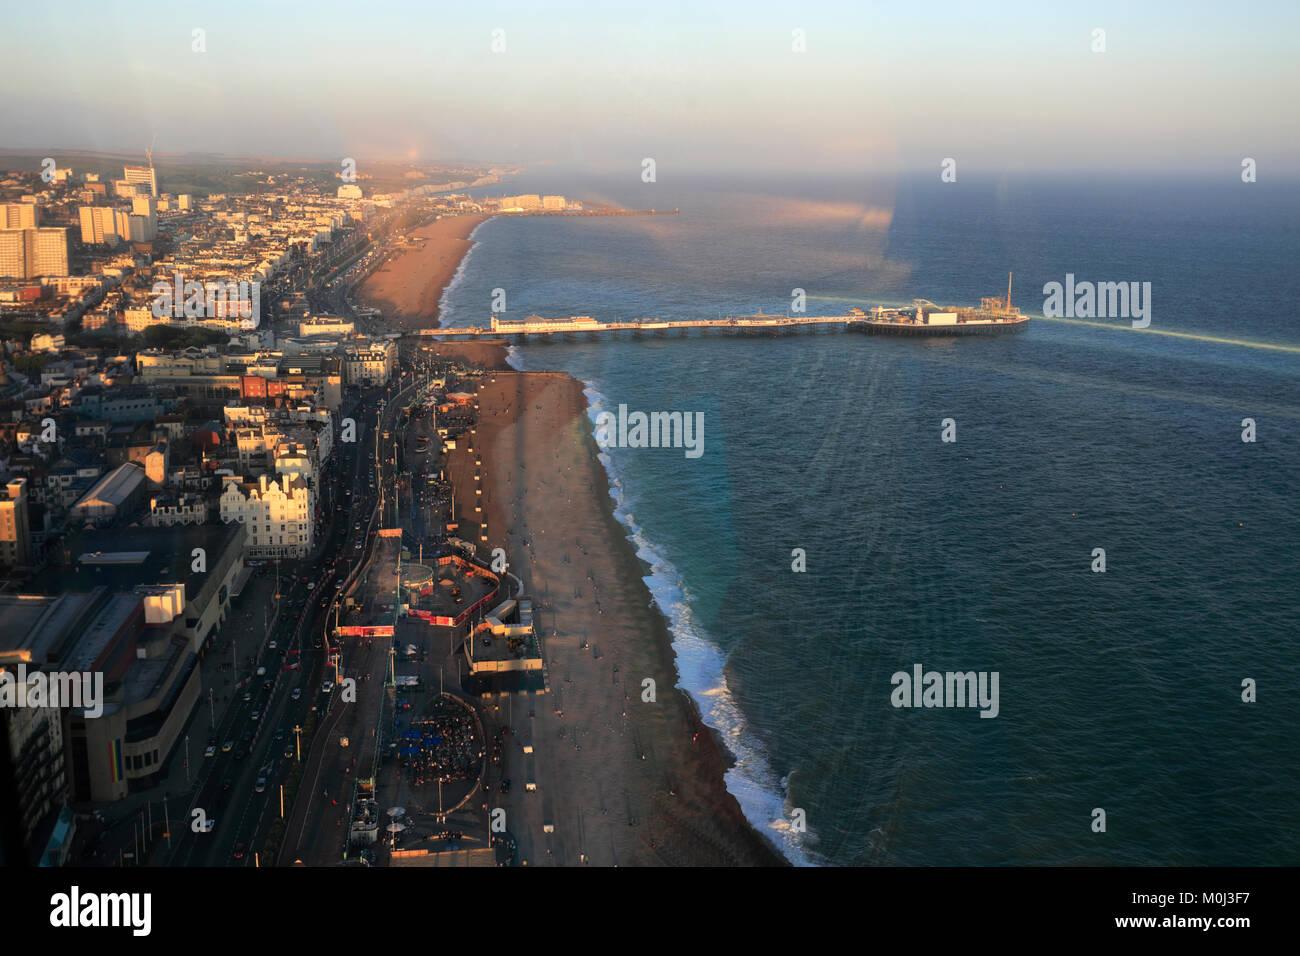 Die British Airways ich 360 Aussichtsturm, Brighton & Hove, Sussex, England, Großbritannien Stockbild